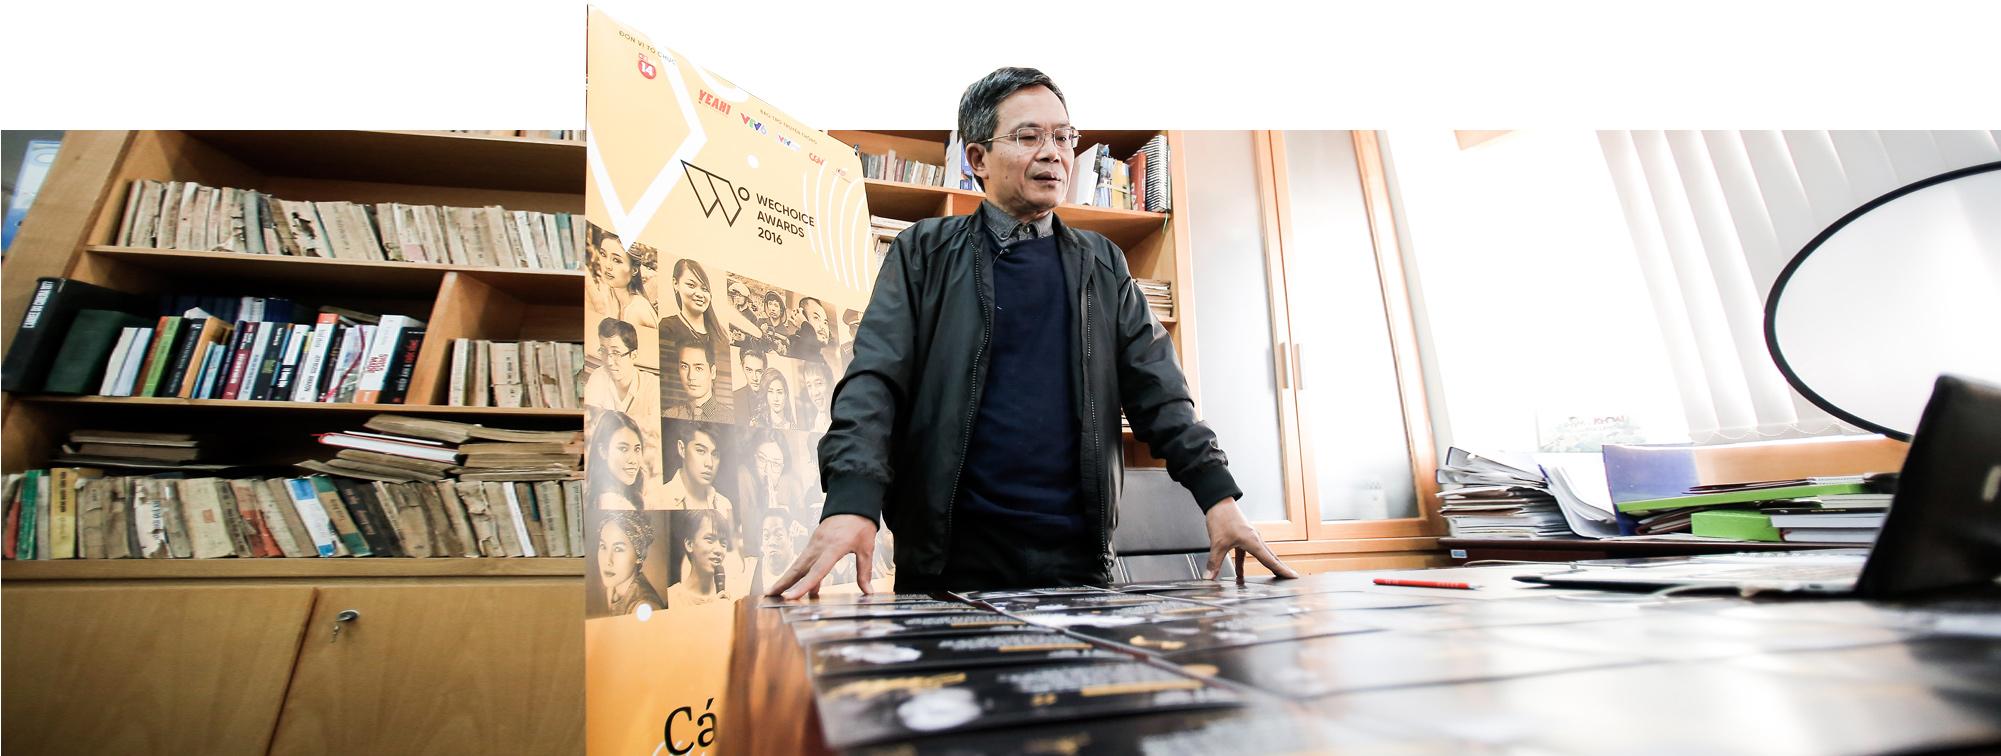 Nhà báo Trần Đăng Tuấn: Từ chức - Nếu cho quay lại thời gian, tôi vẫn làm như thế - Ảnh 7.